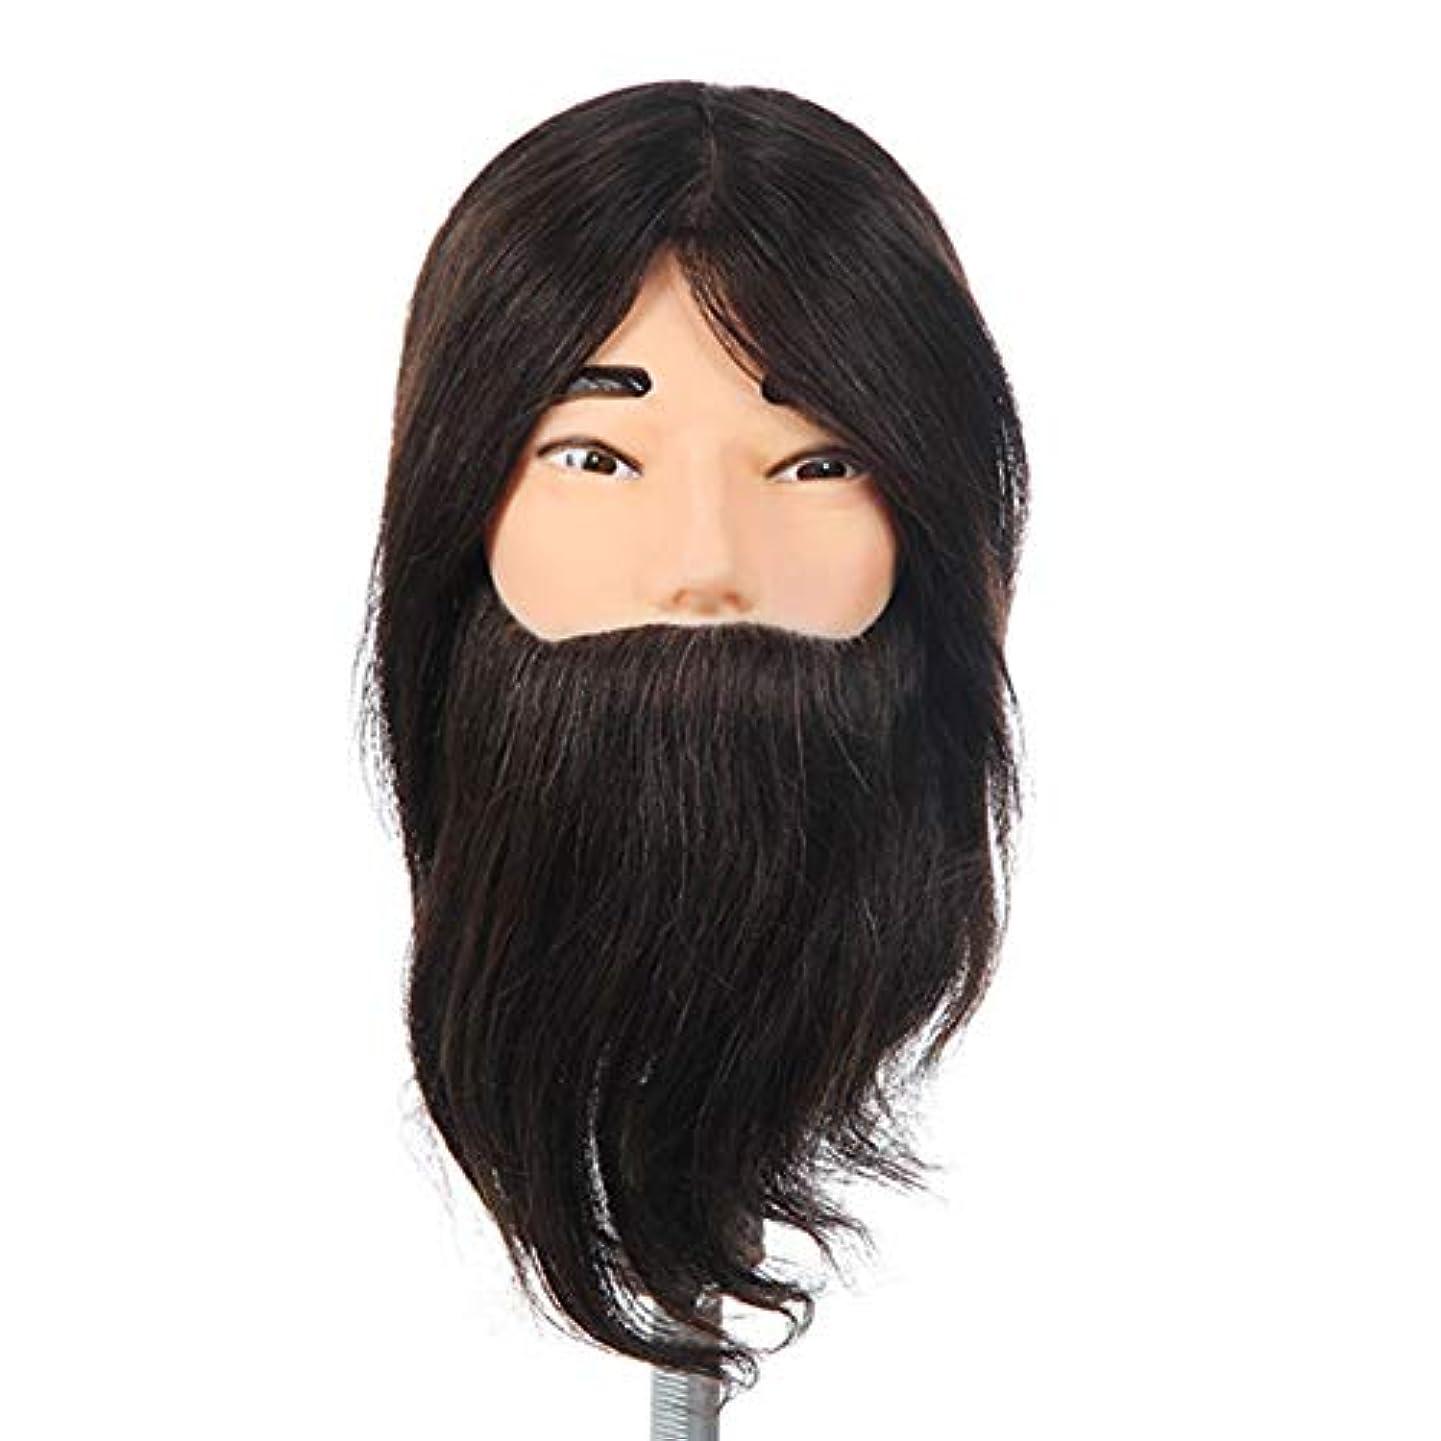 提案する人里離れた死ぬリアルヘア練習ヘッドモデルヘアサロントリミングパーマ染毛剤学習ダミーヘッドひげを生やした男性化粧マネキンヘッド